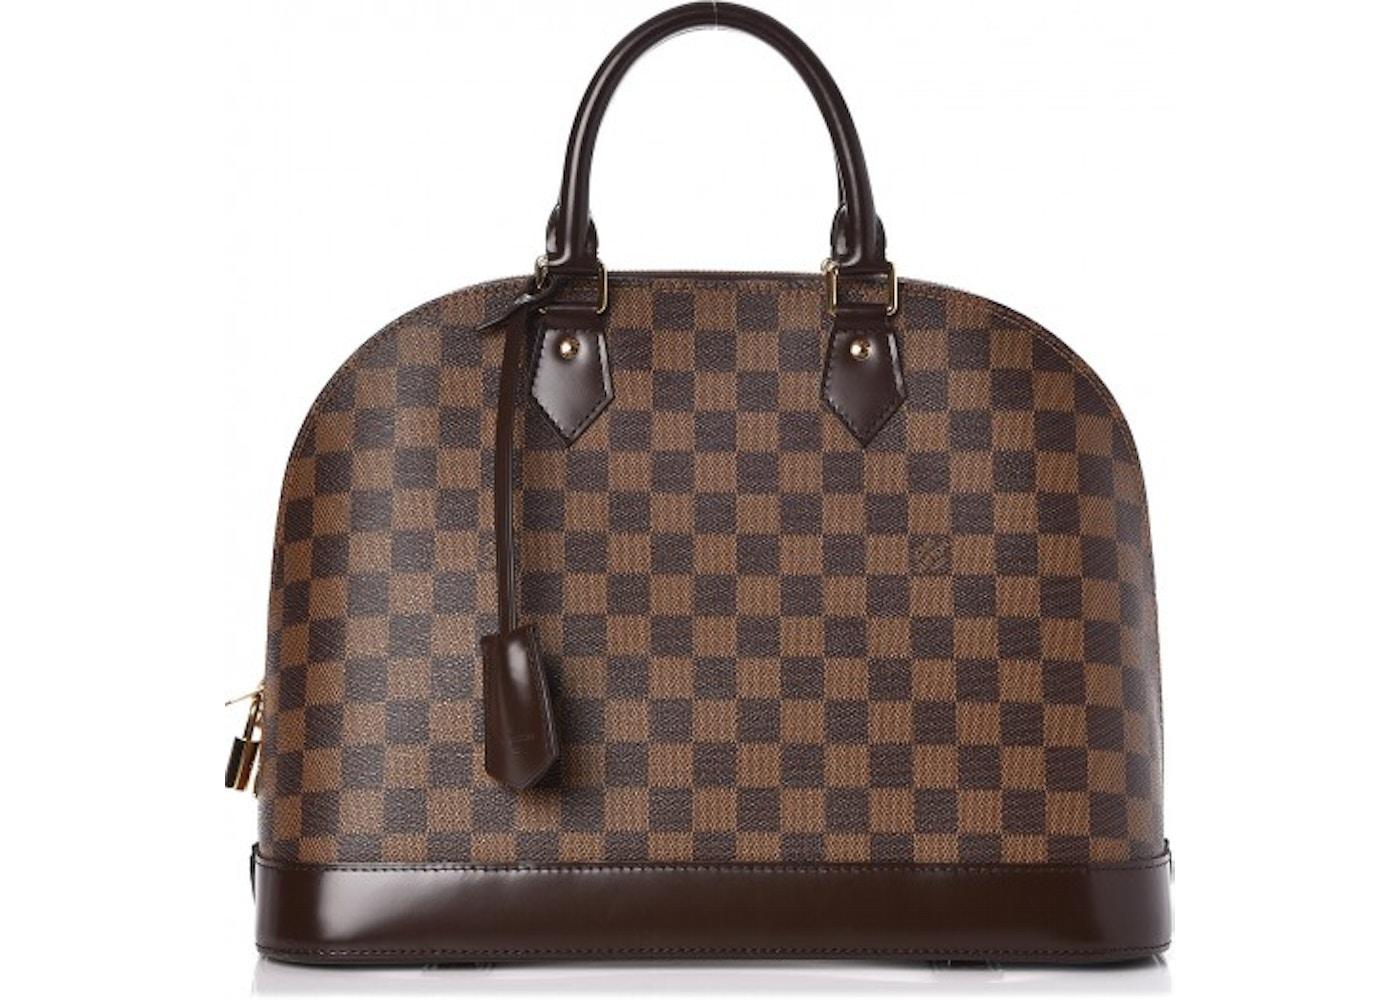 f61bd4e8456 Louis Vuitton Alma Damier Ebene MM Brown. Damier Ebene MM Brown